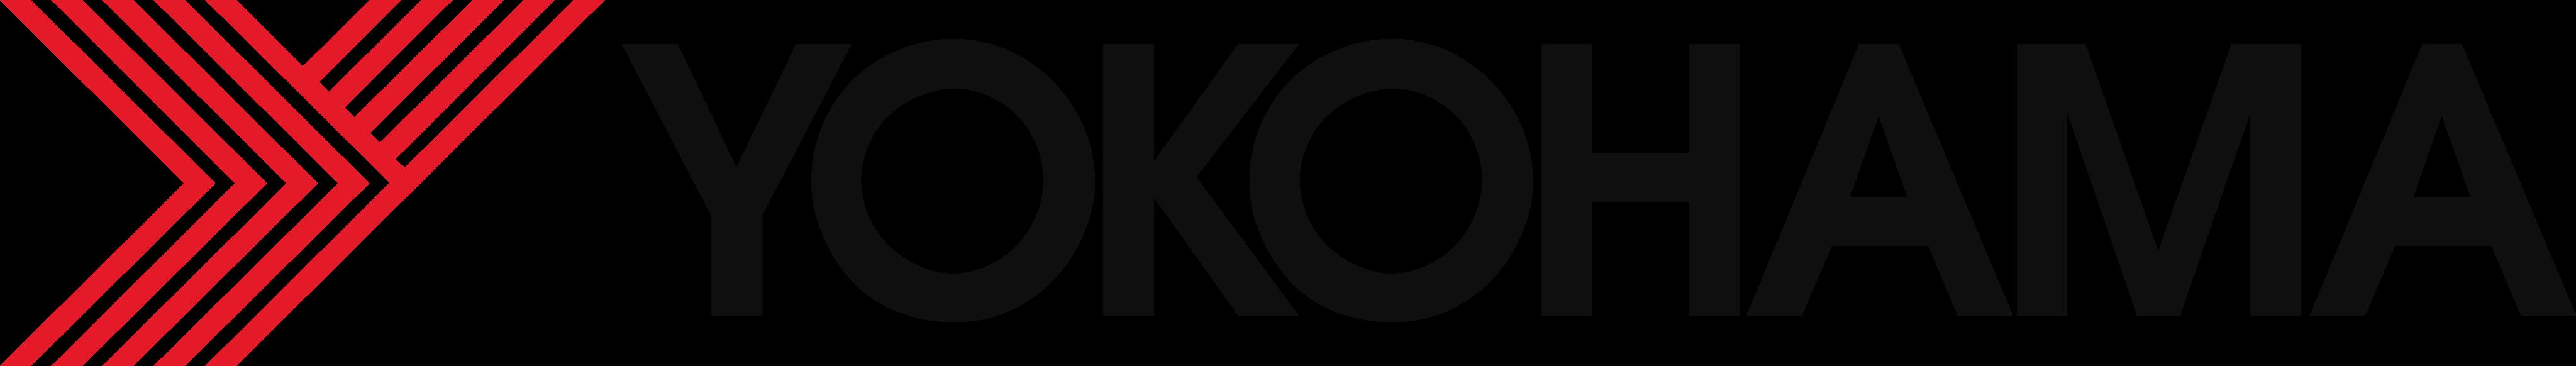 yokohama logo - Yokohama Logo